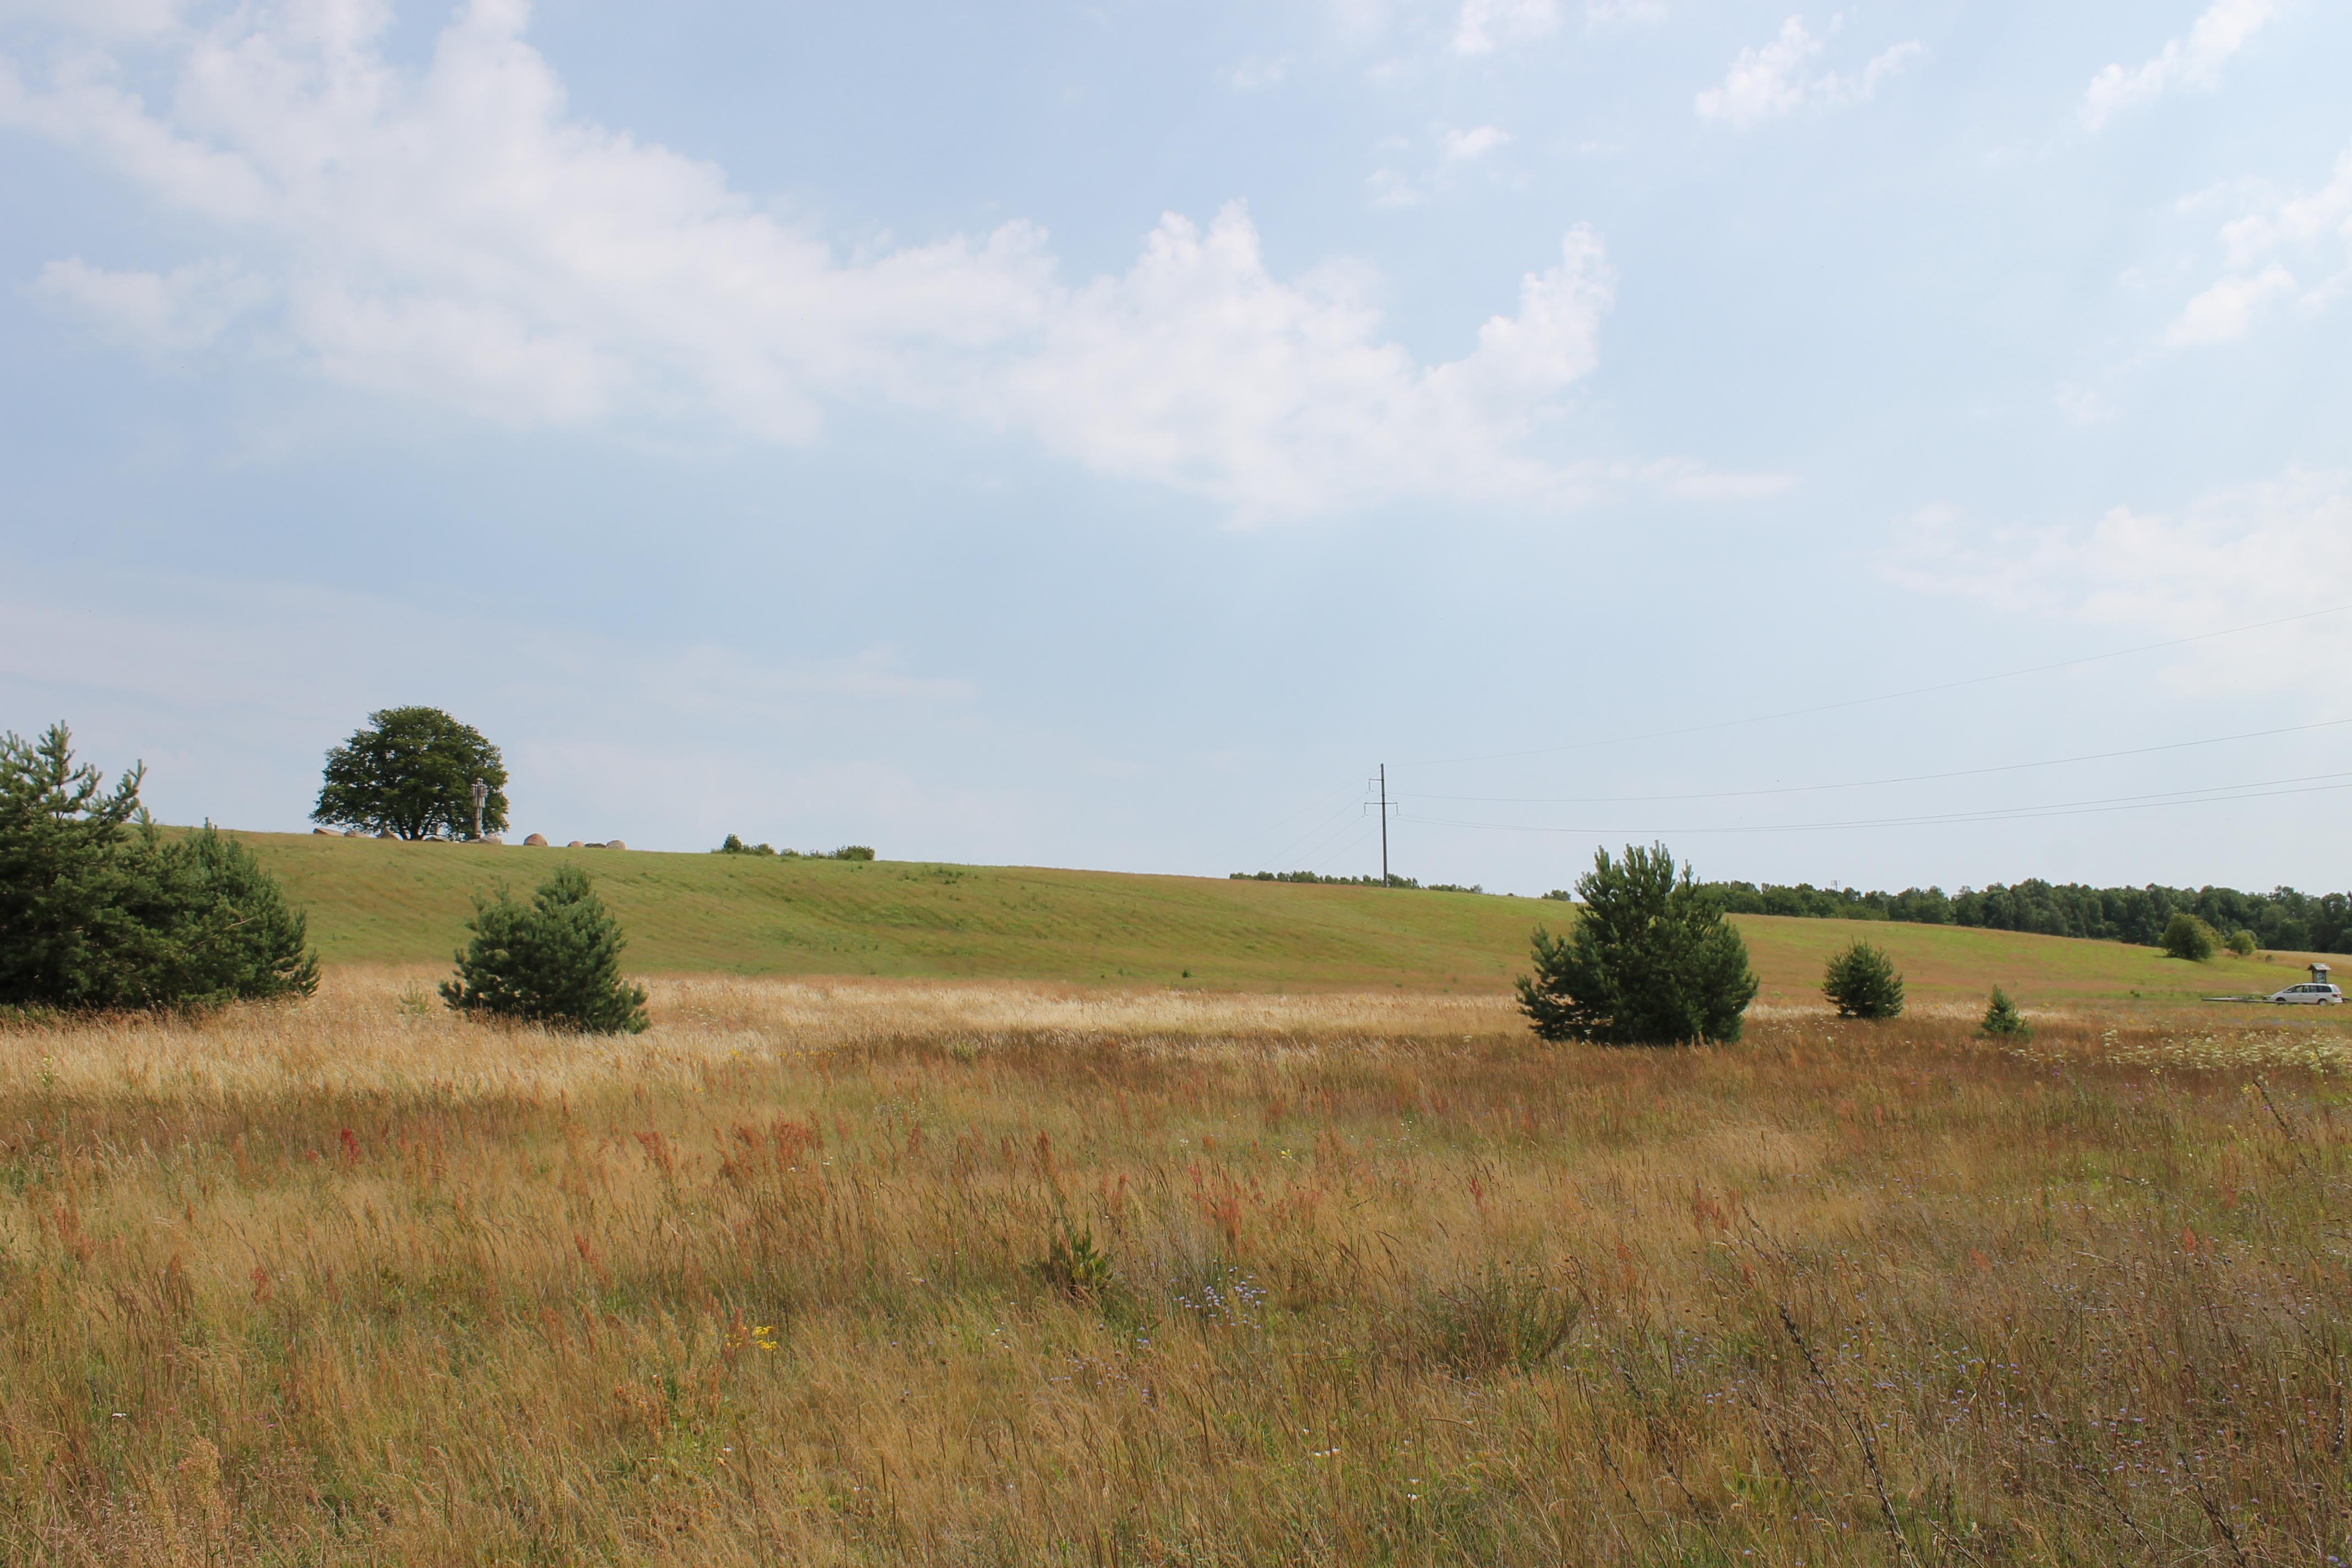 Kartenos Piliakalnis Salantu Regioninis Parkas.Gintarų Piliakalnis Vikipedija